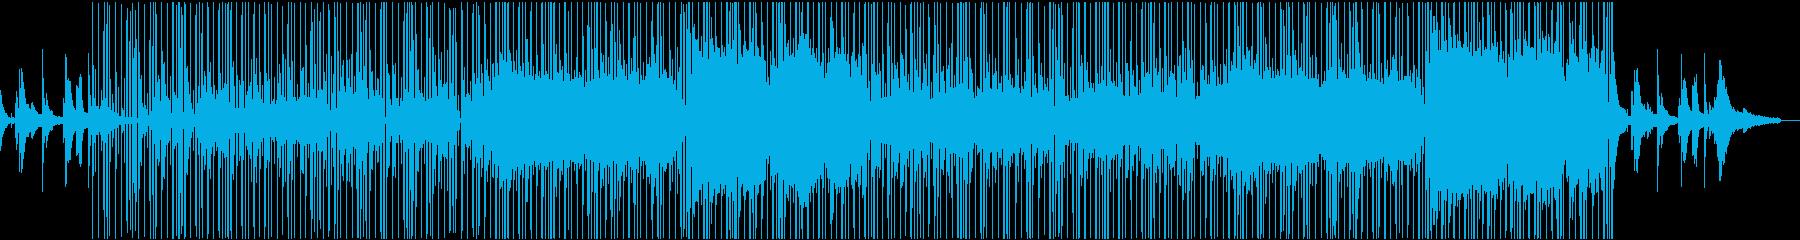 渋い雰囲気のブルースジャズの再生済みの波形